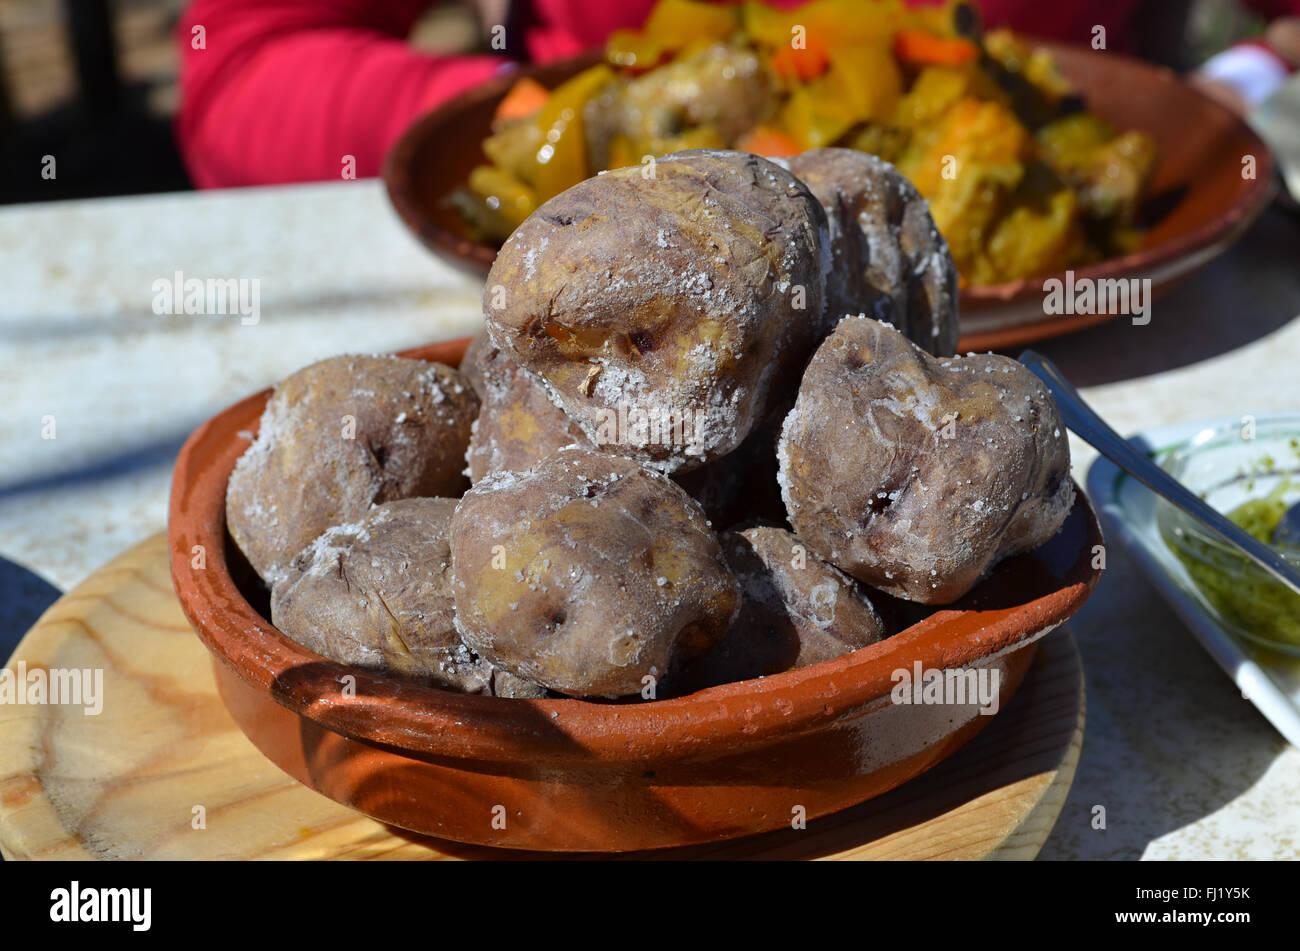 Papas Arrugadas - faltig Spezialität Kartoffeln der Kanarischen Inseln. Diese sind von Teneriffa. Stockbild